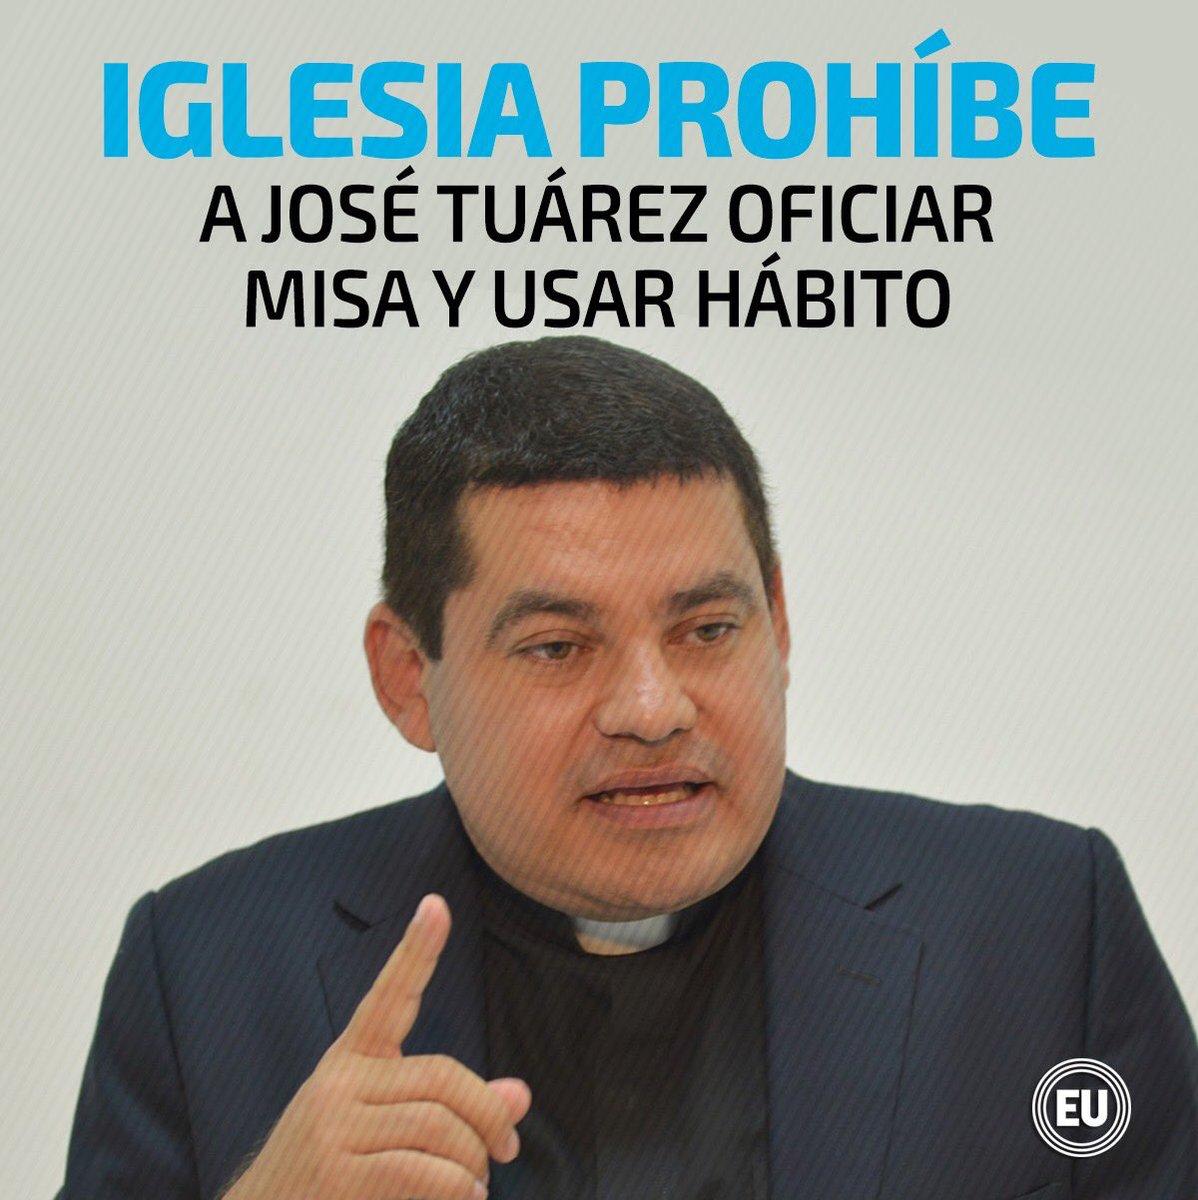 Cómo aceptaron que @jcarlostuarez se postule? Lean, lo advirtieron sus superiores @CPCCS un hombre sin el más mínimo respeto a la autoridad, prepotente y con delirios de grandeza, otro demente como  #Correa JAMÁS. Urgente #ElimimaciónDelCPCCS 🇪🇨❤️